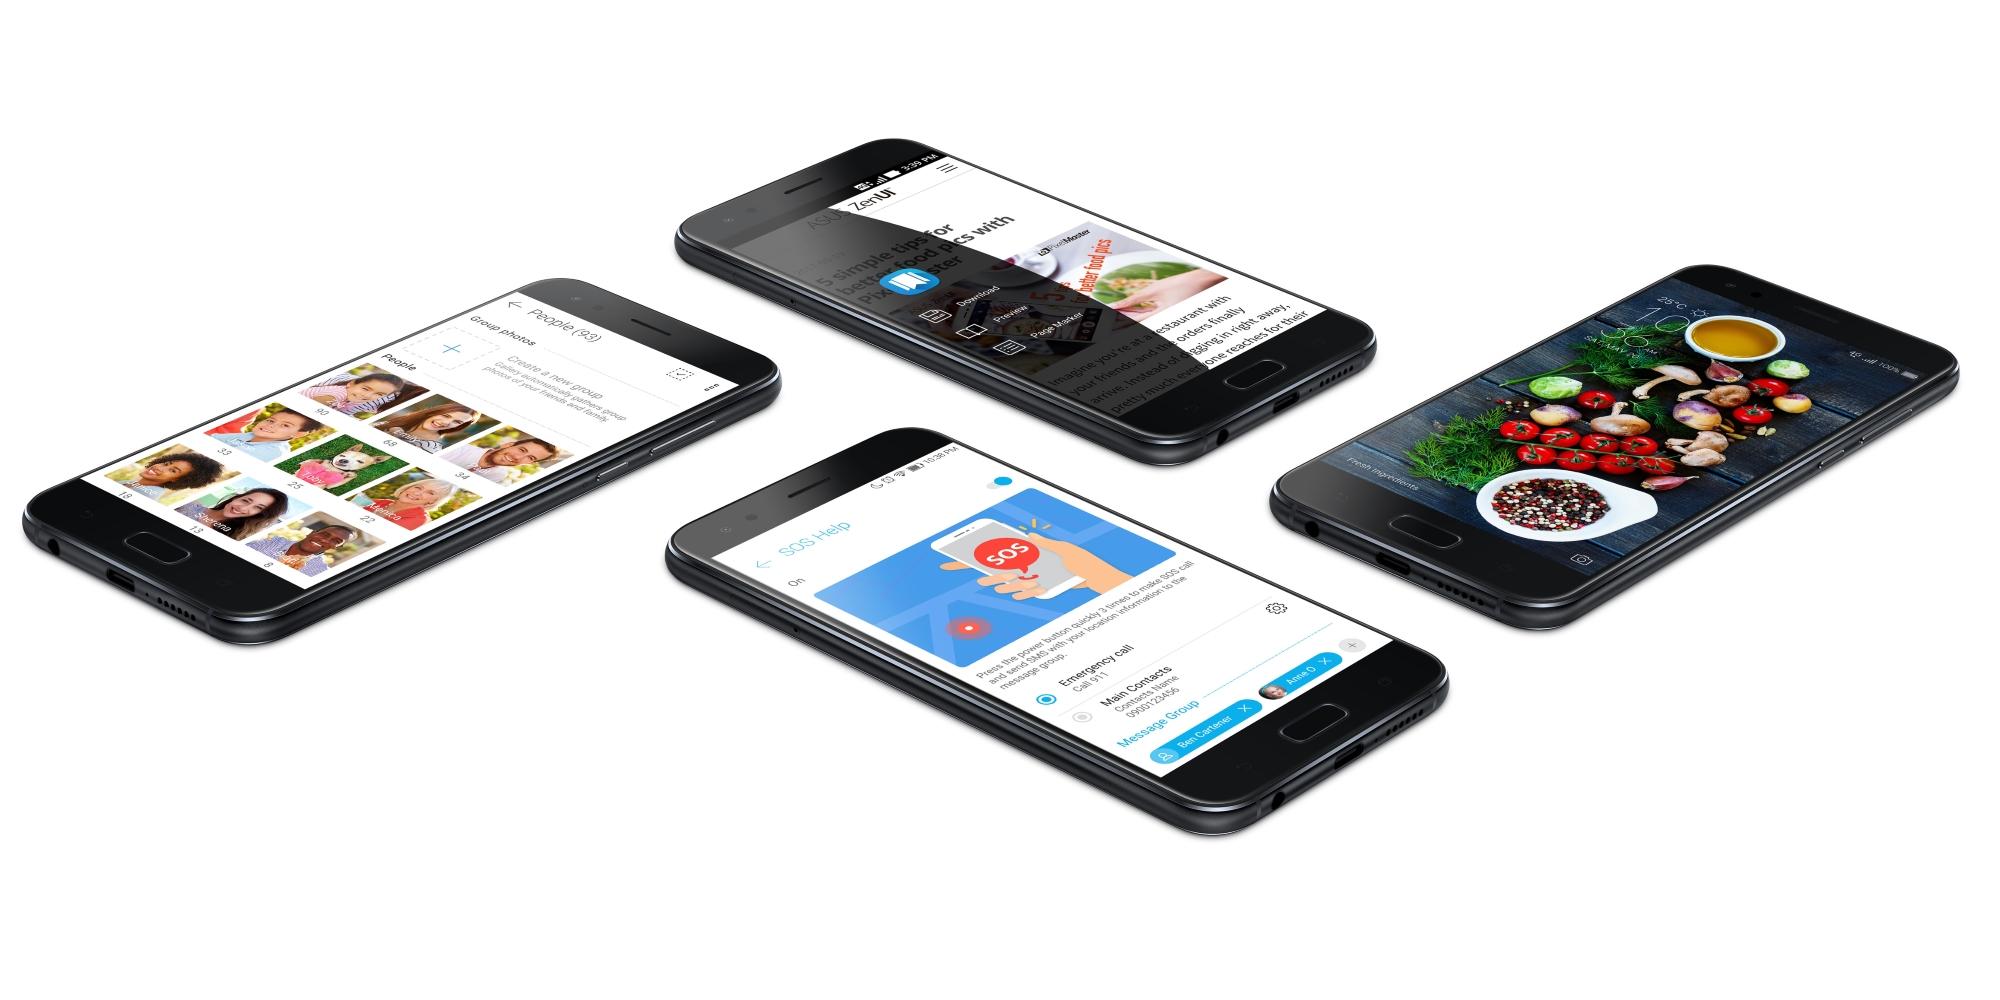 Asus lance le Zenfone 4 en Chine : voici ses caractéristiques